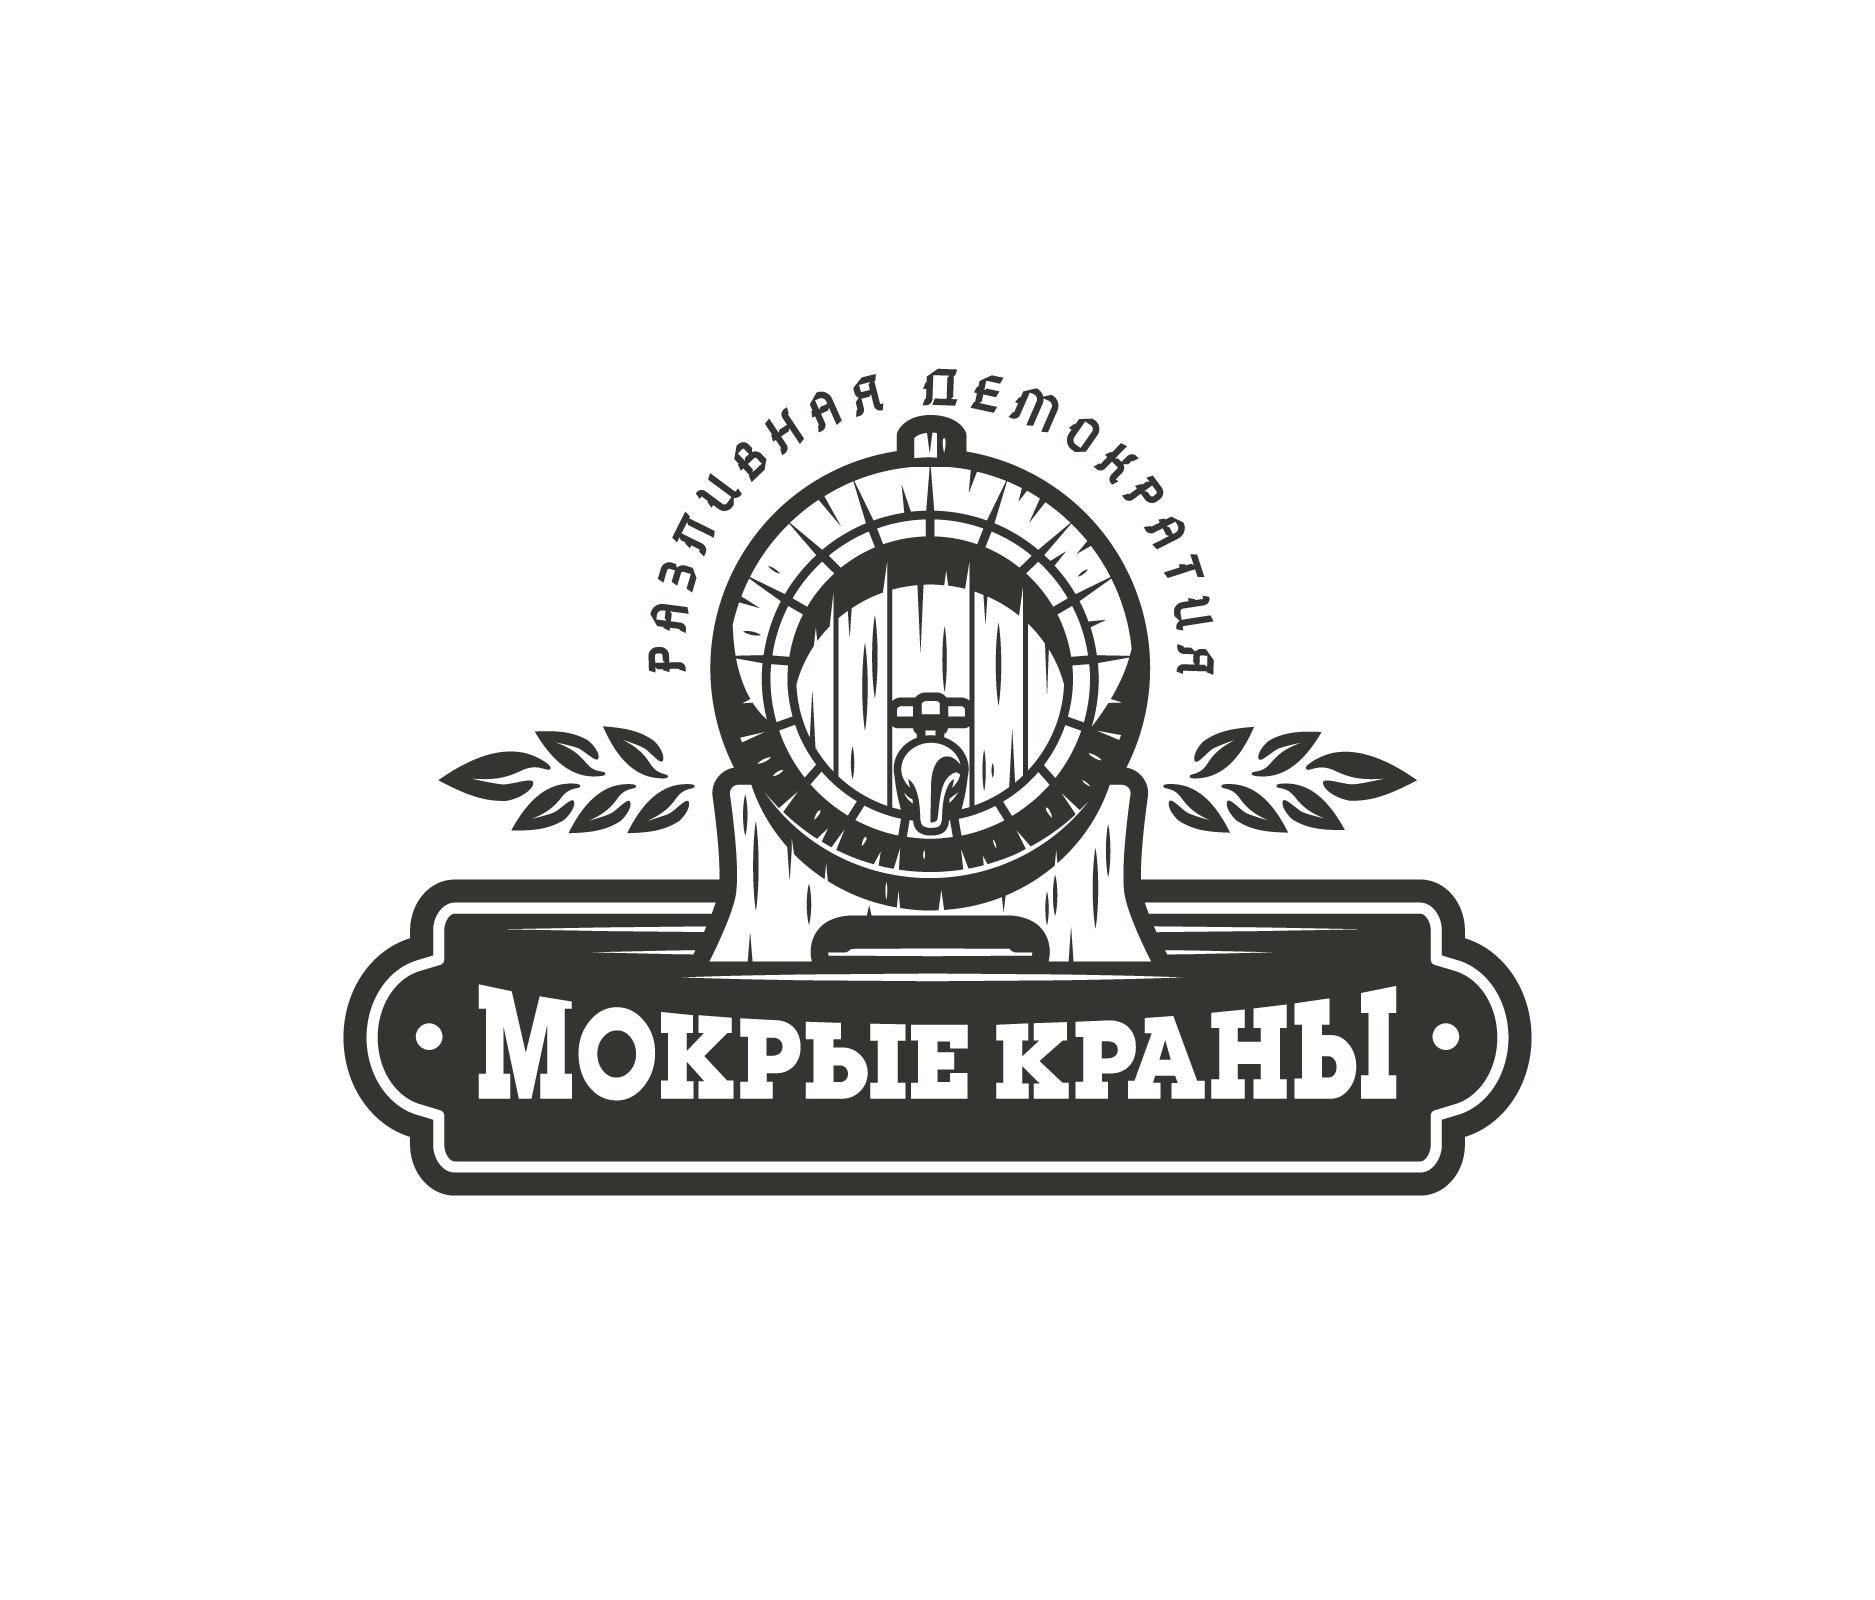 Вывеска/логотип для пивного магазина фото f_1416023cd118c2b9.png